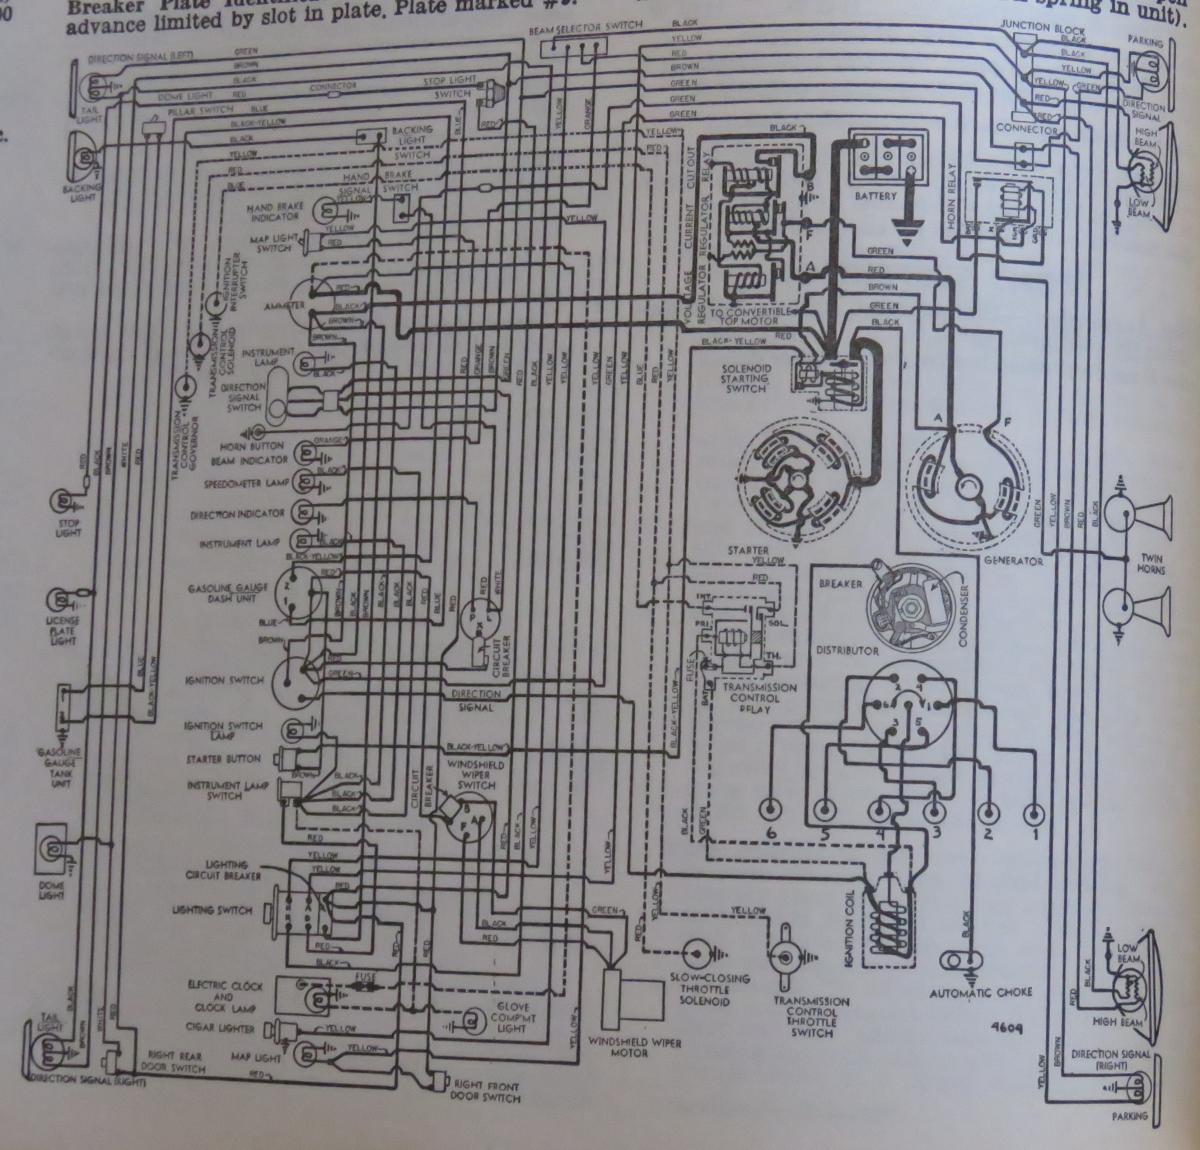 Chrysler46-48_WiringDiagm.thumb.jpg.9d8f80348380a72cdb829f59dca30c92.jpg